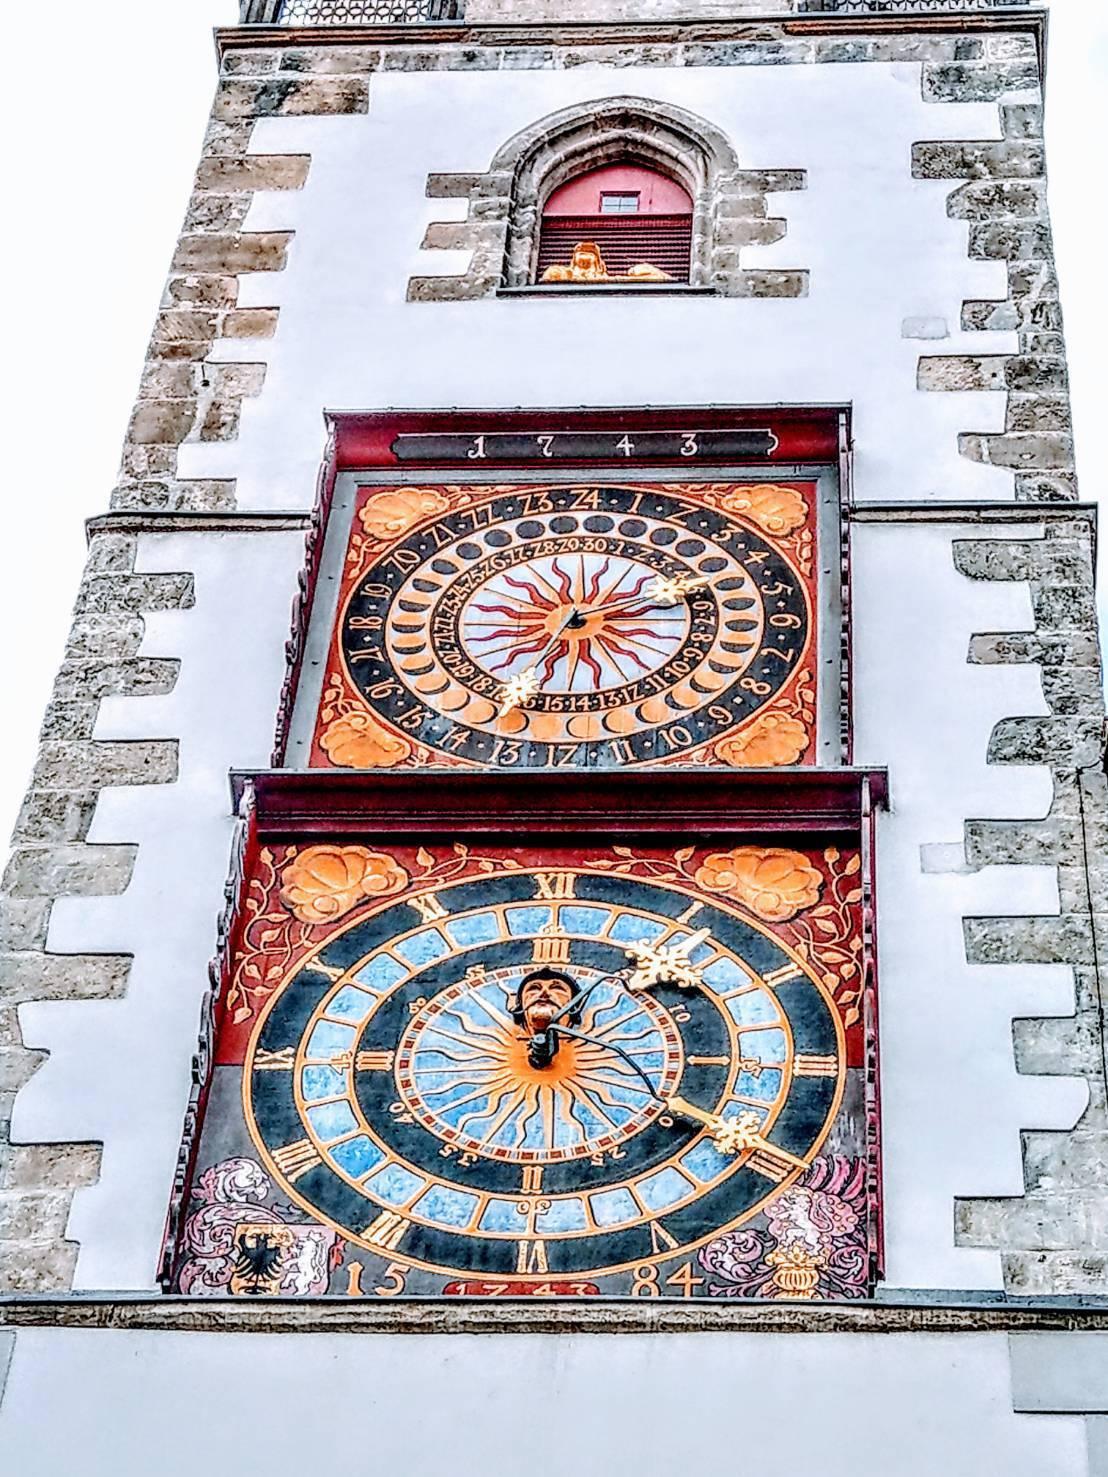 哥利茲市政廳,最引人注目的鐘塔,正面有兩個鐘盤,有如布拉格舊城廣場上的天文鐘。記...